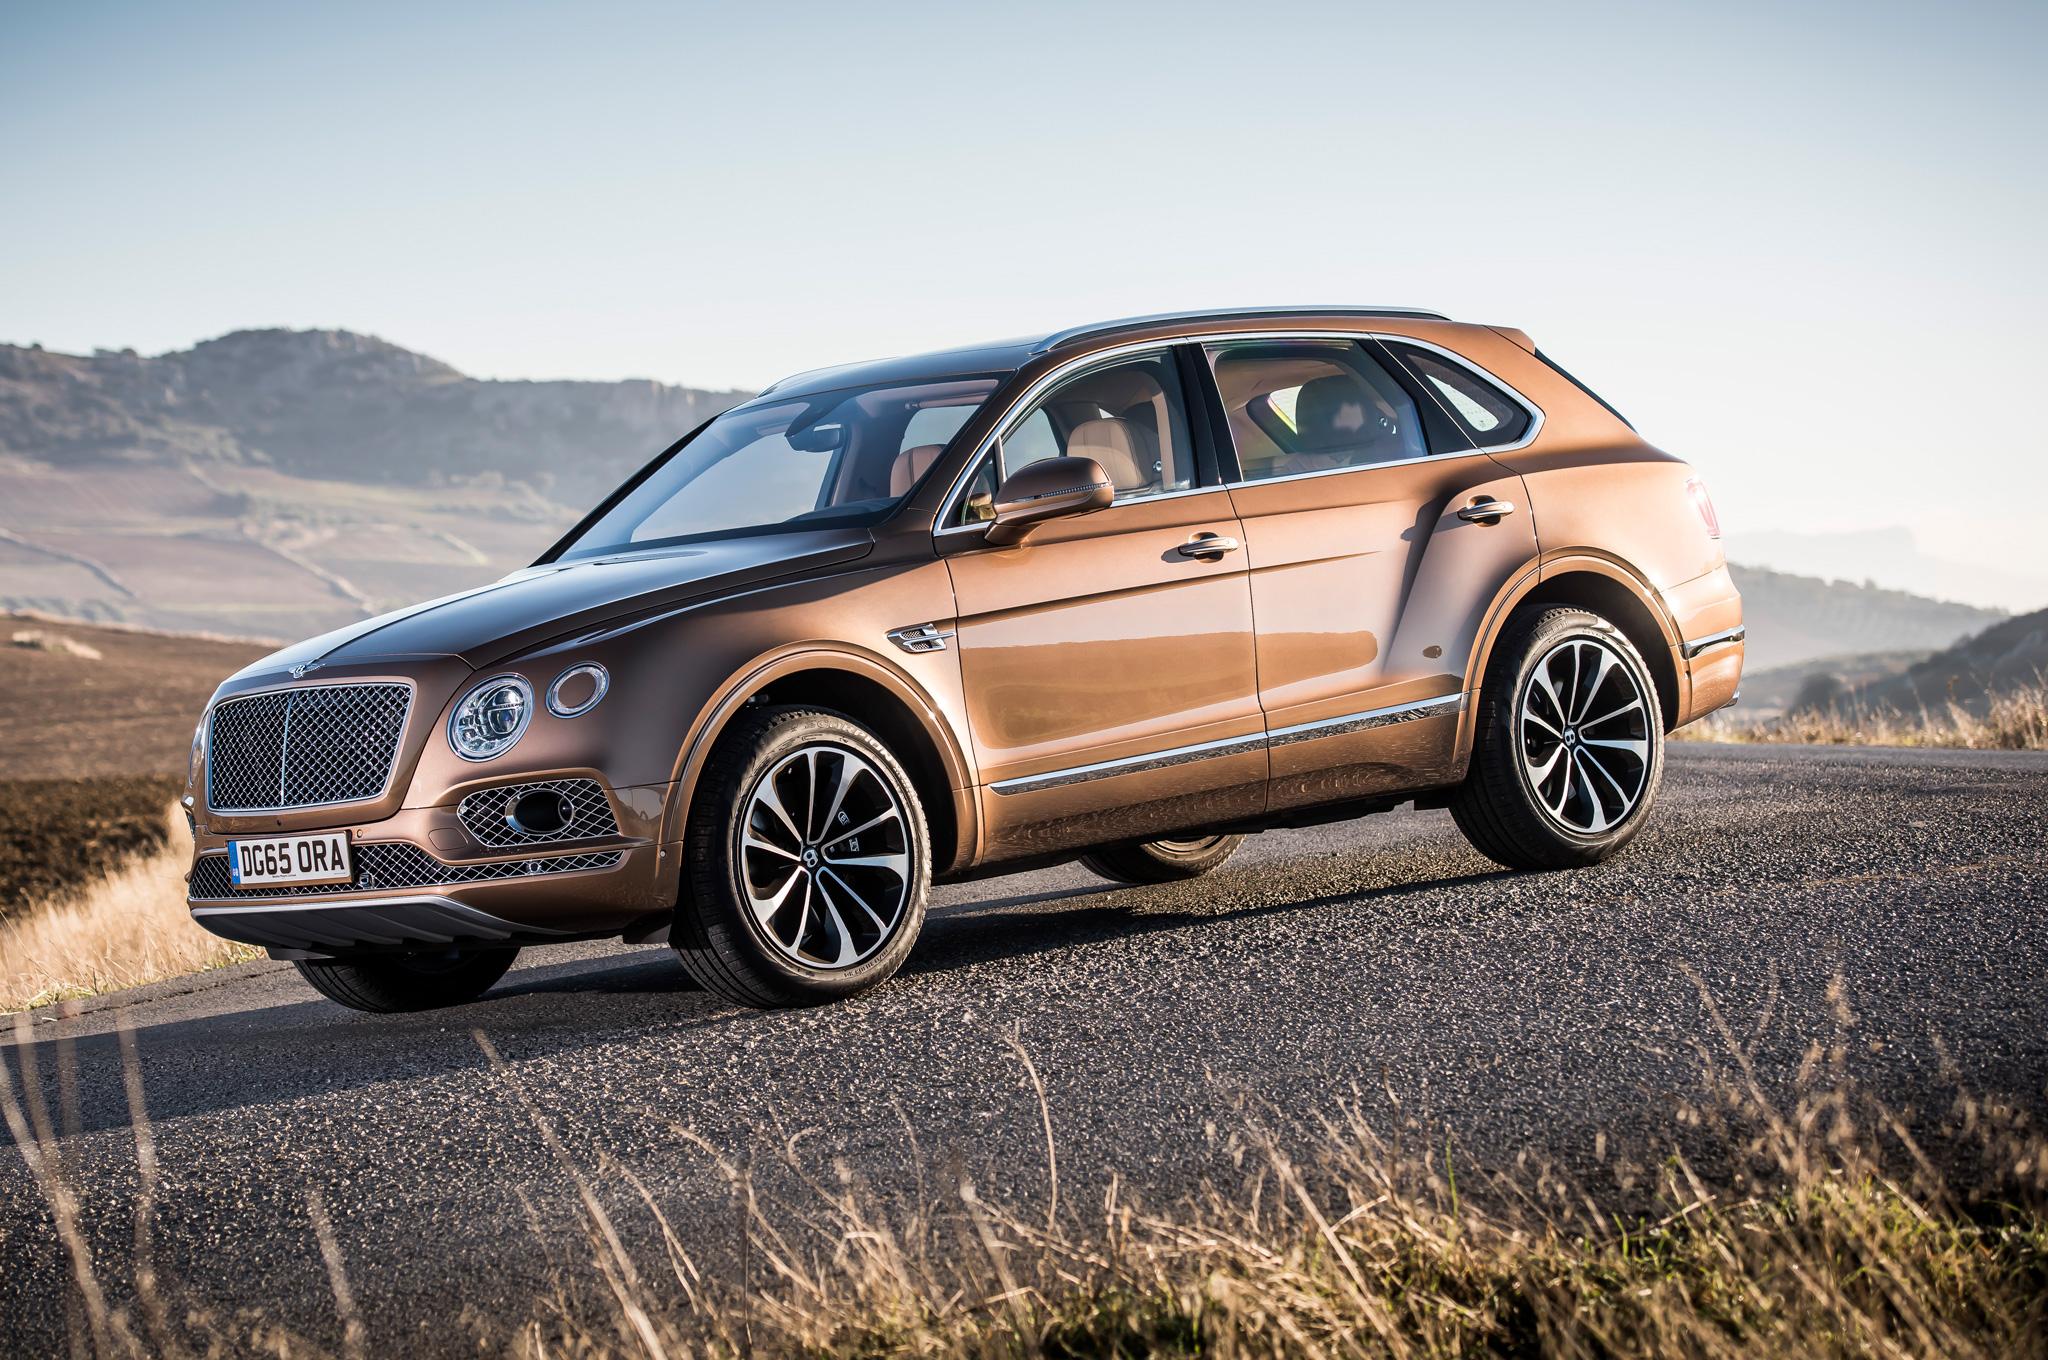 Bentley Bentayga 2017 Overview